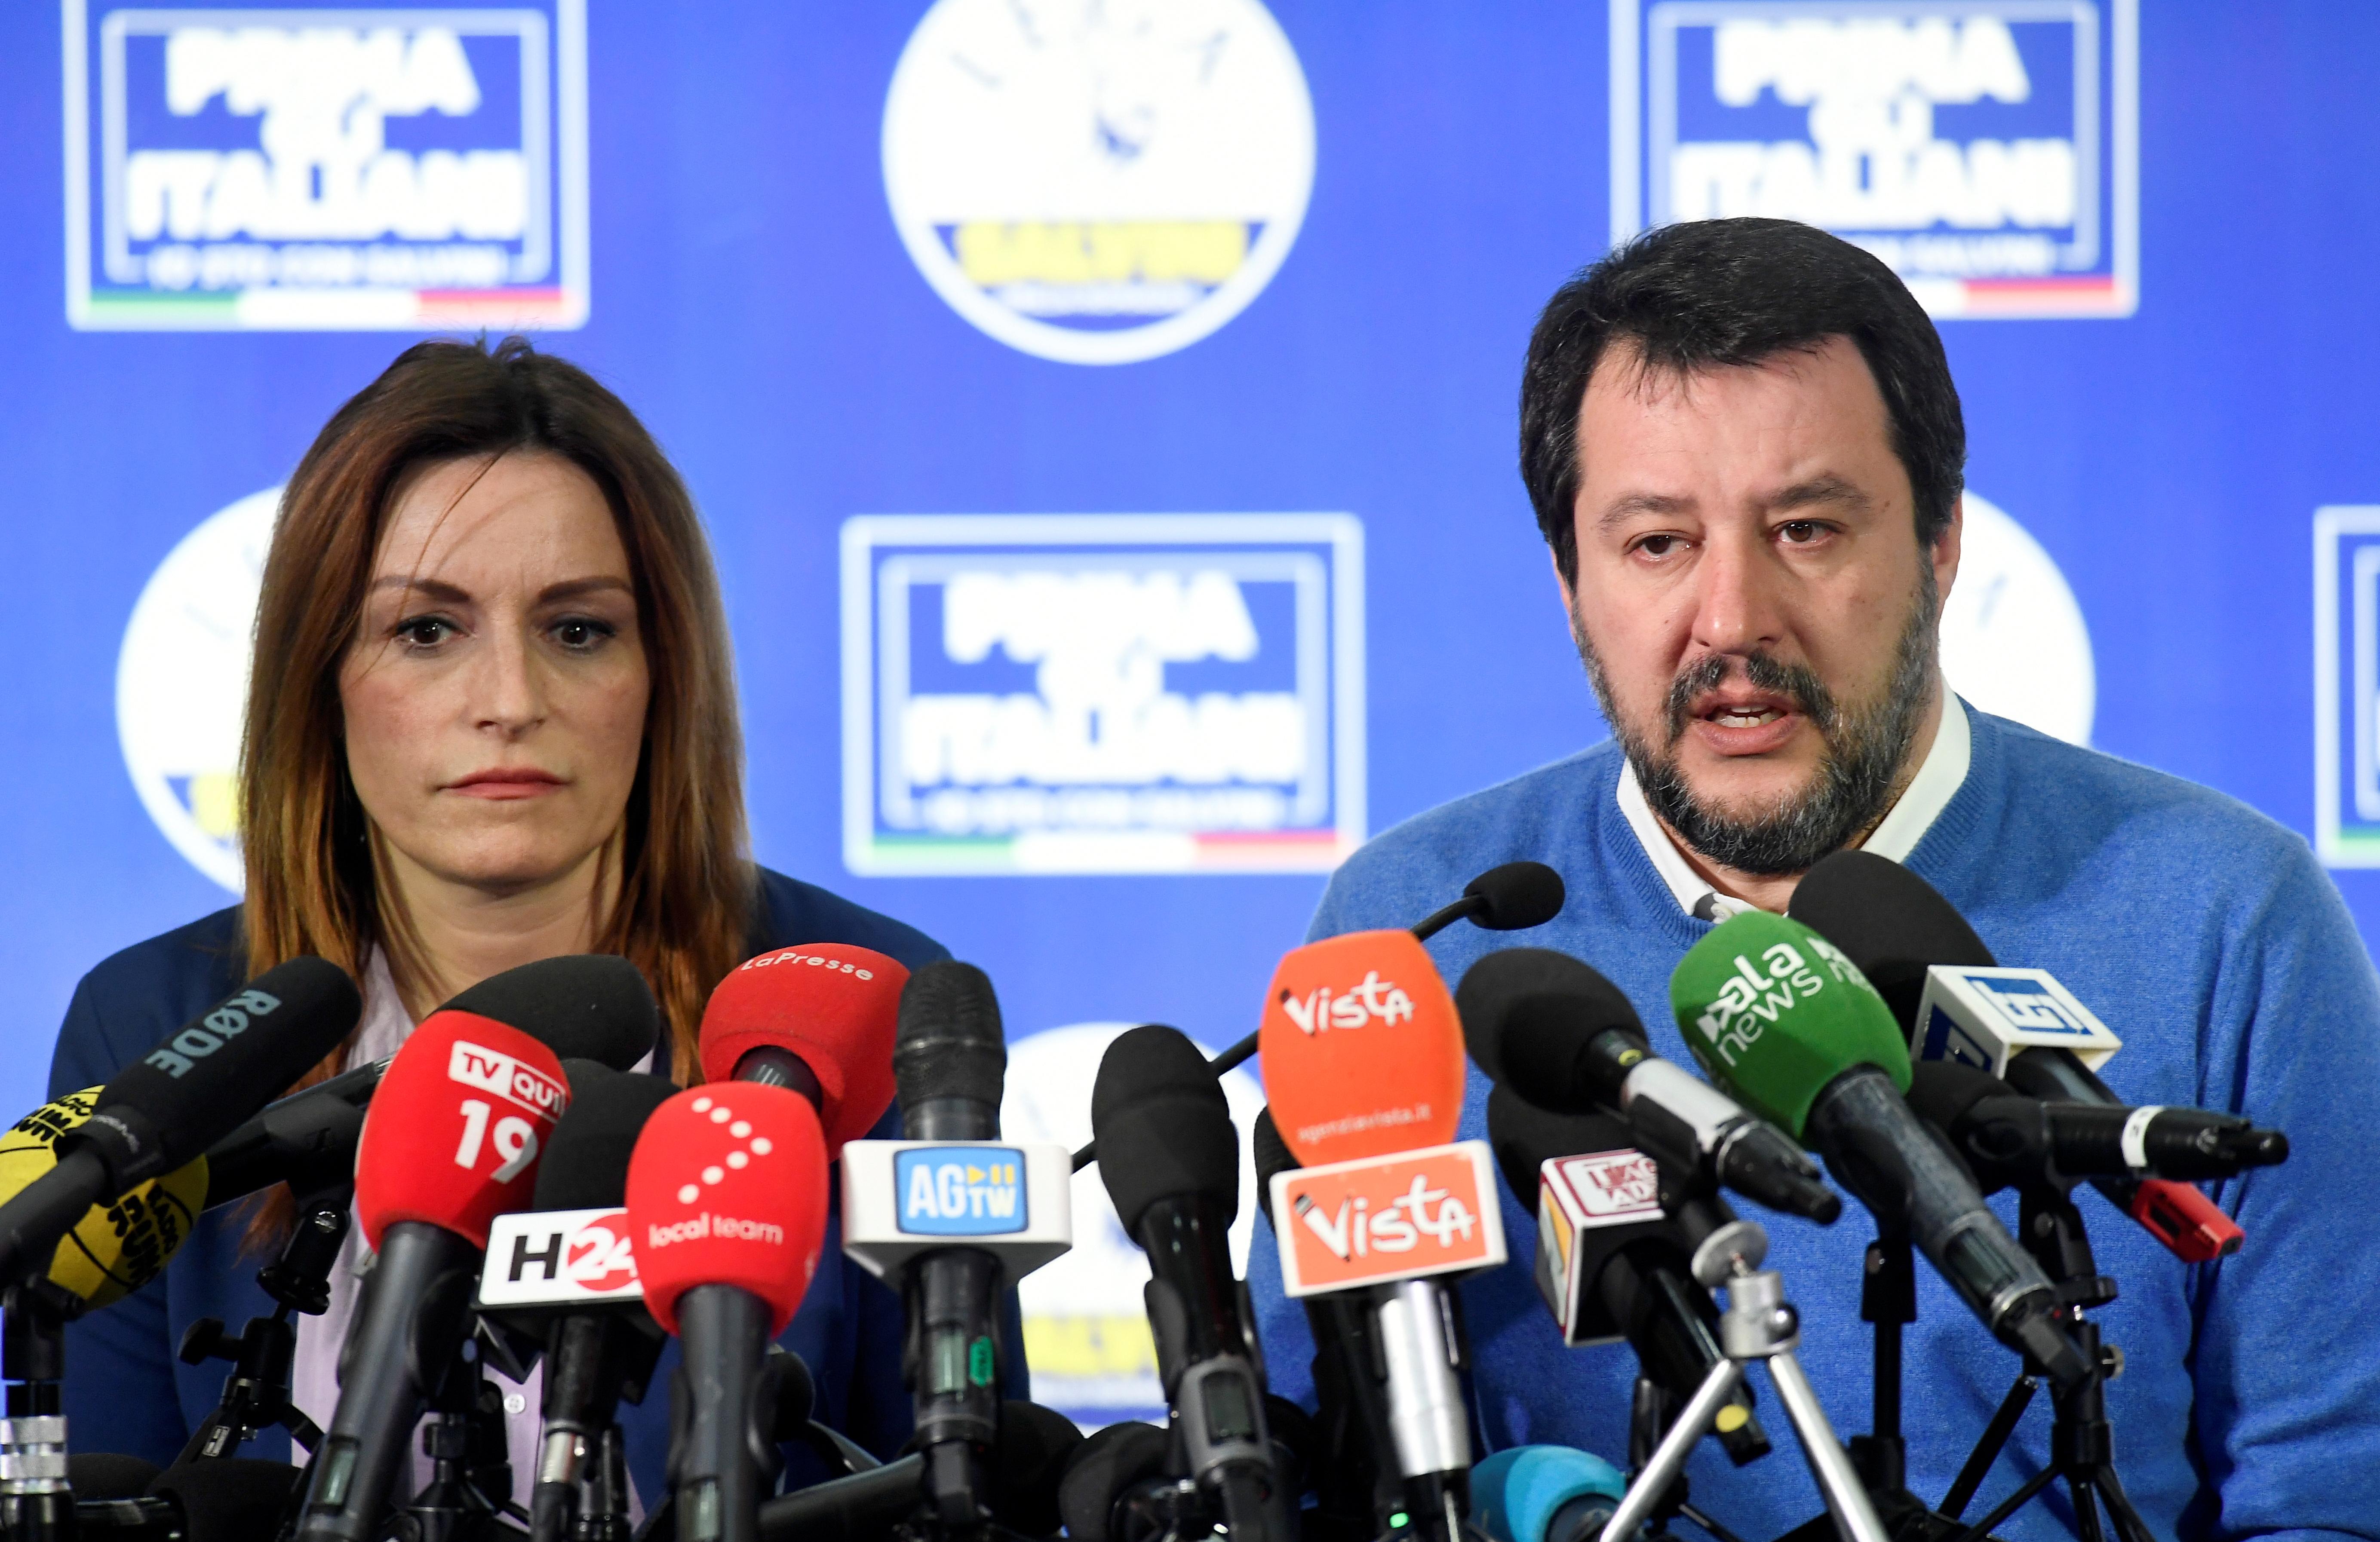 L'Italien Salvini perd un vote régional clé, pour soulager le gouvernement